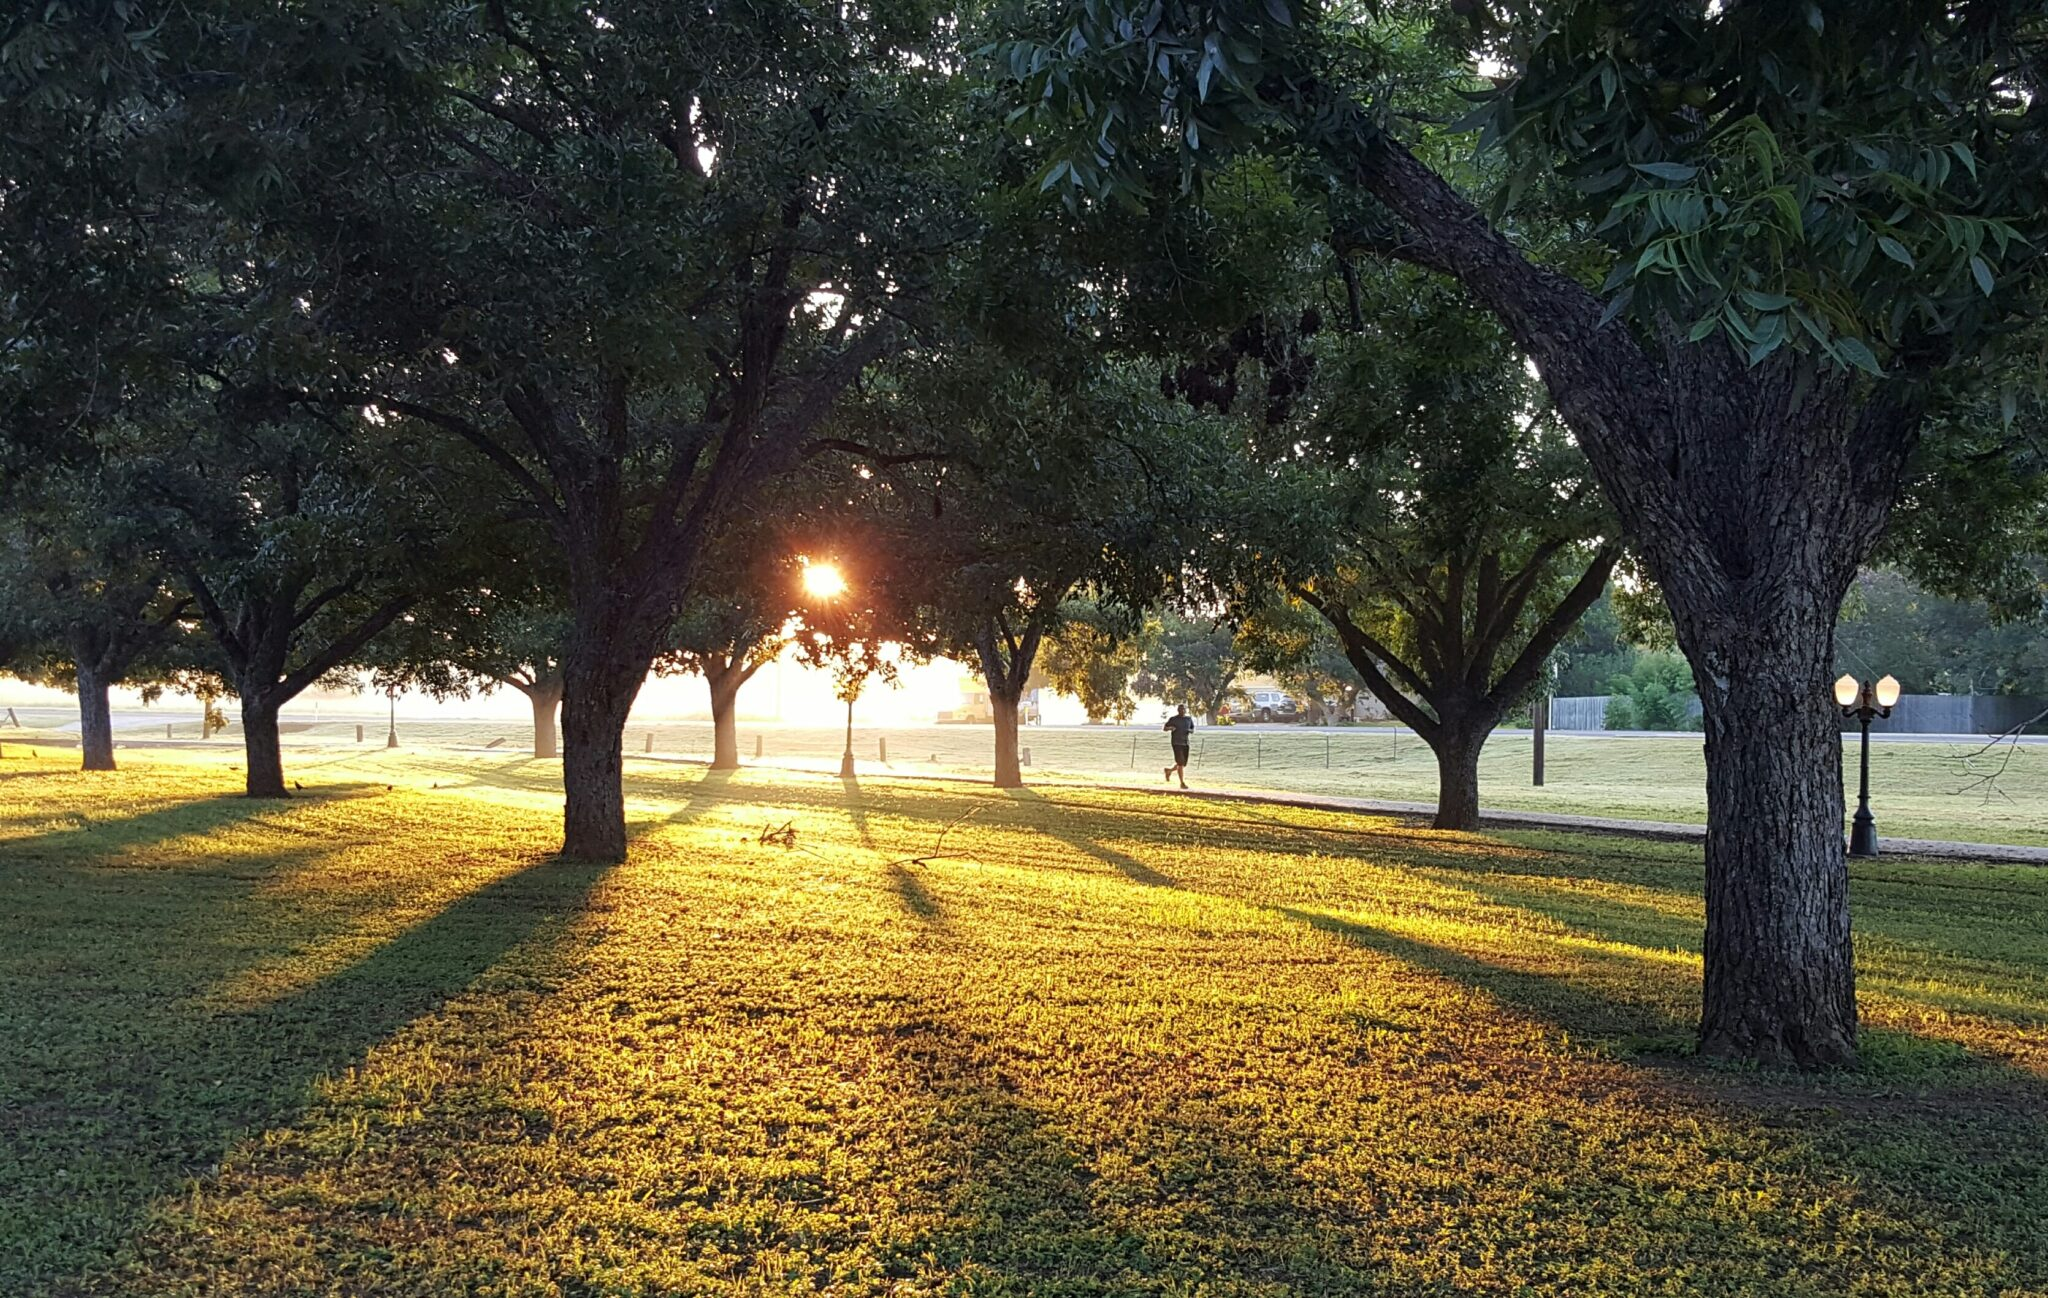 Laufen für Musiker*innen, Läufer im Park, Sonnenuntergang